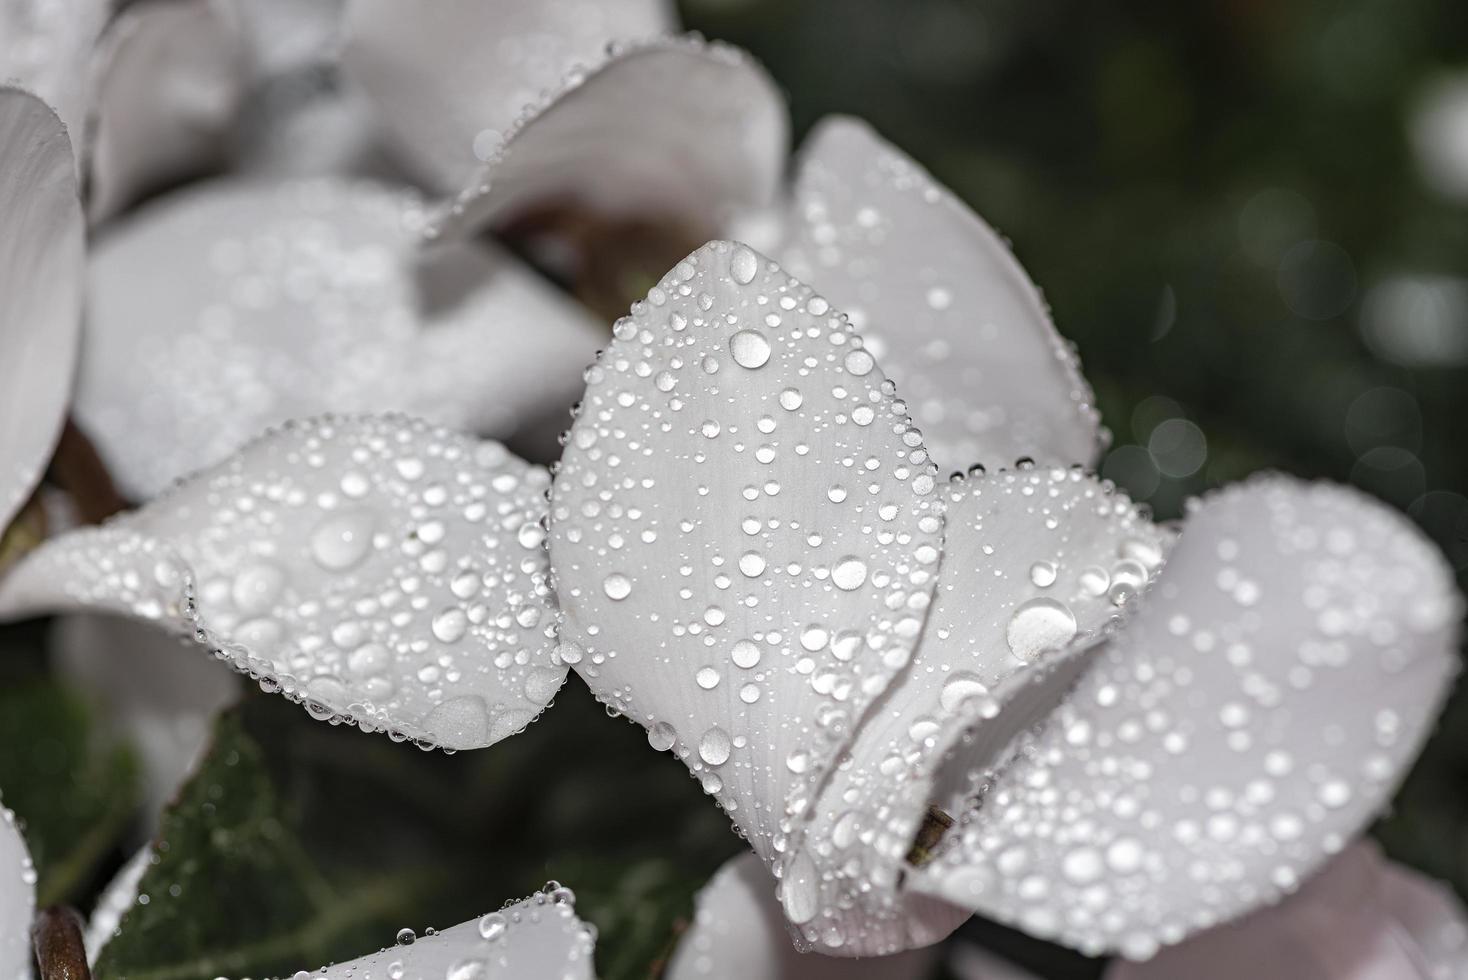 Blumen mit Regentropfen auf dem Blütenblatt im Thema Schwarz und Weiß foto